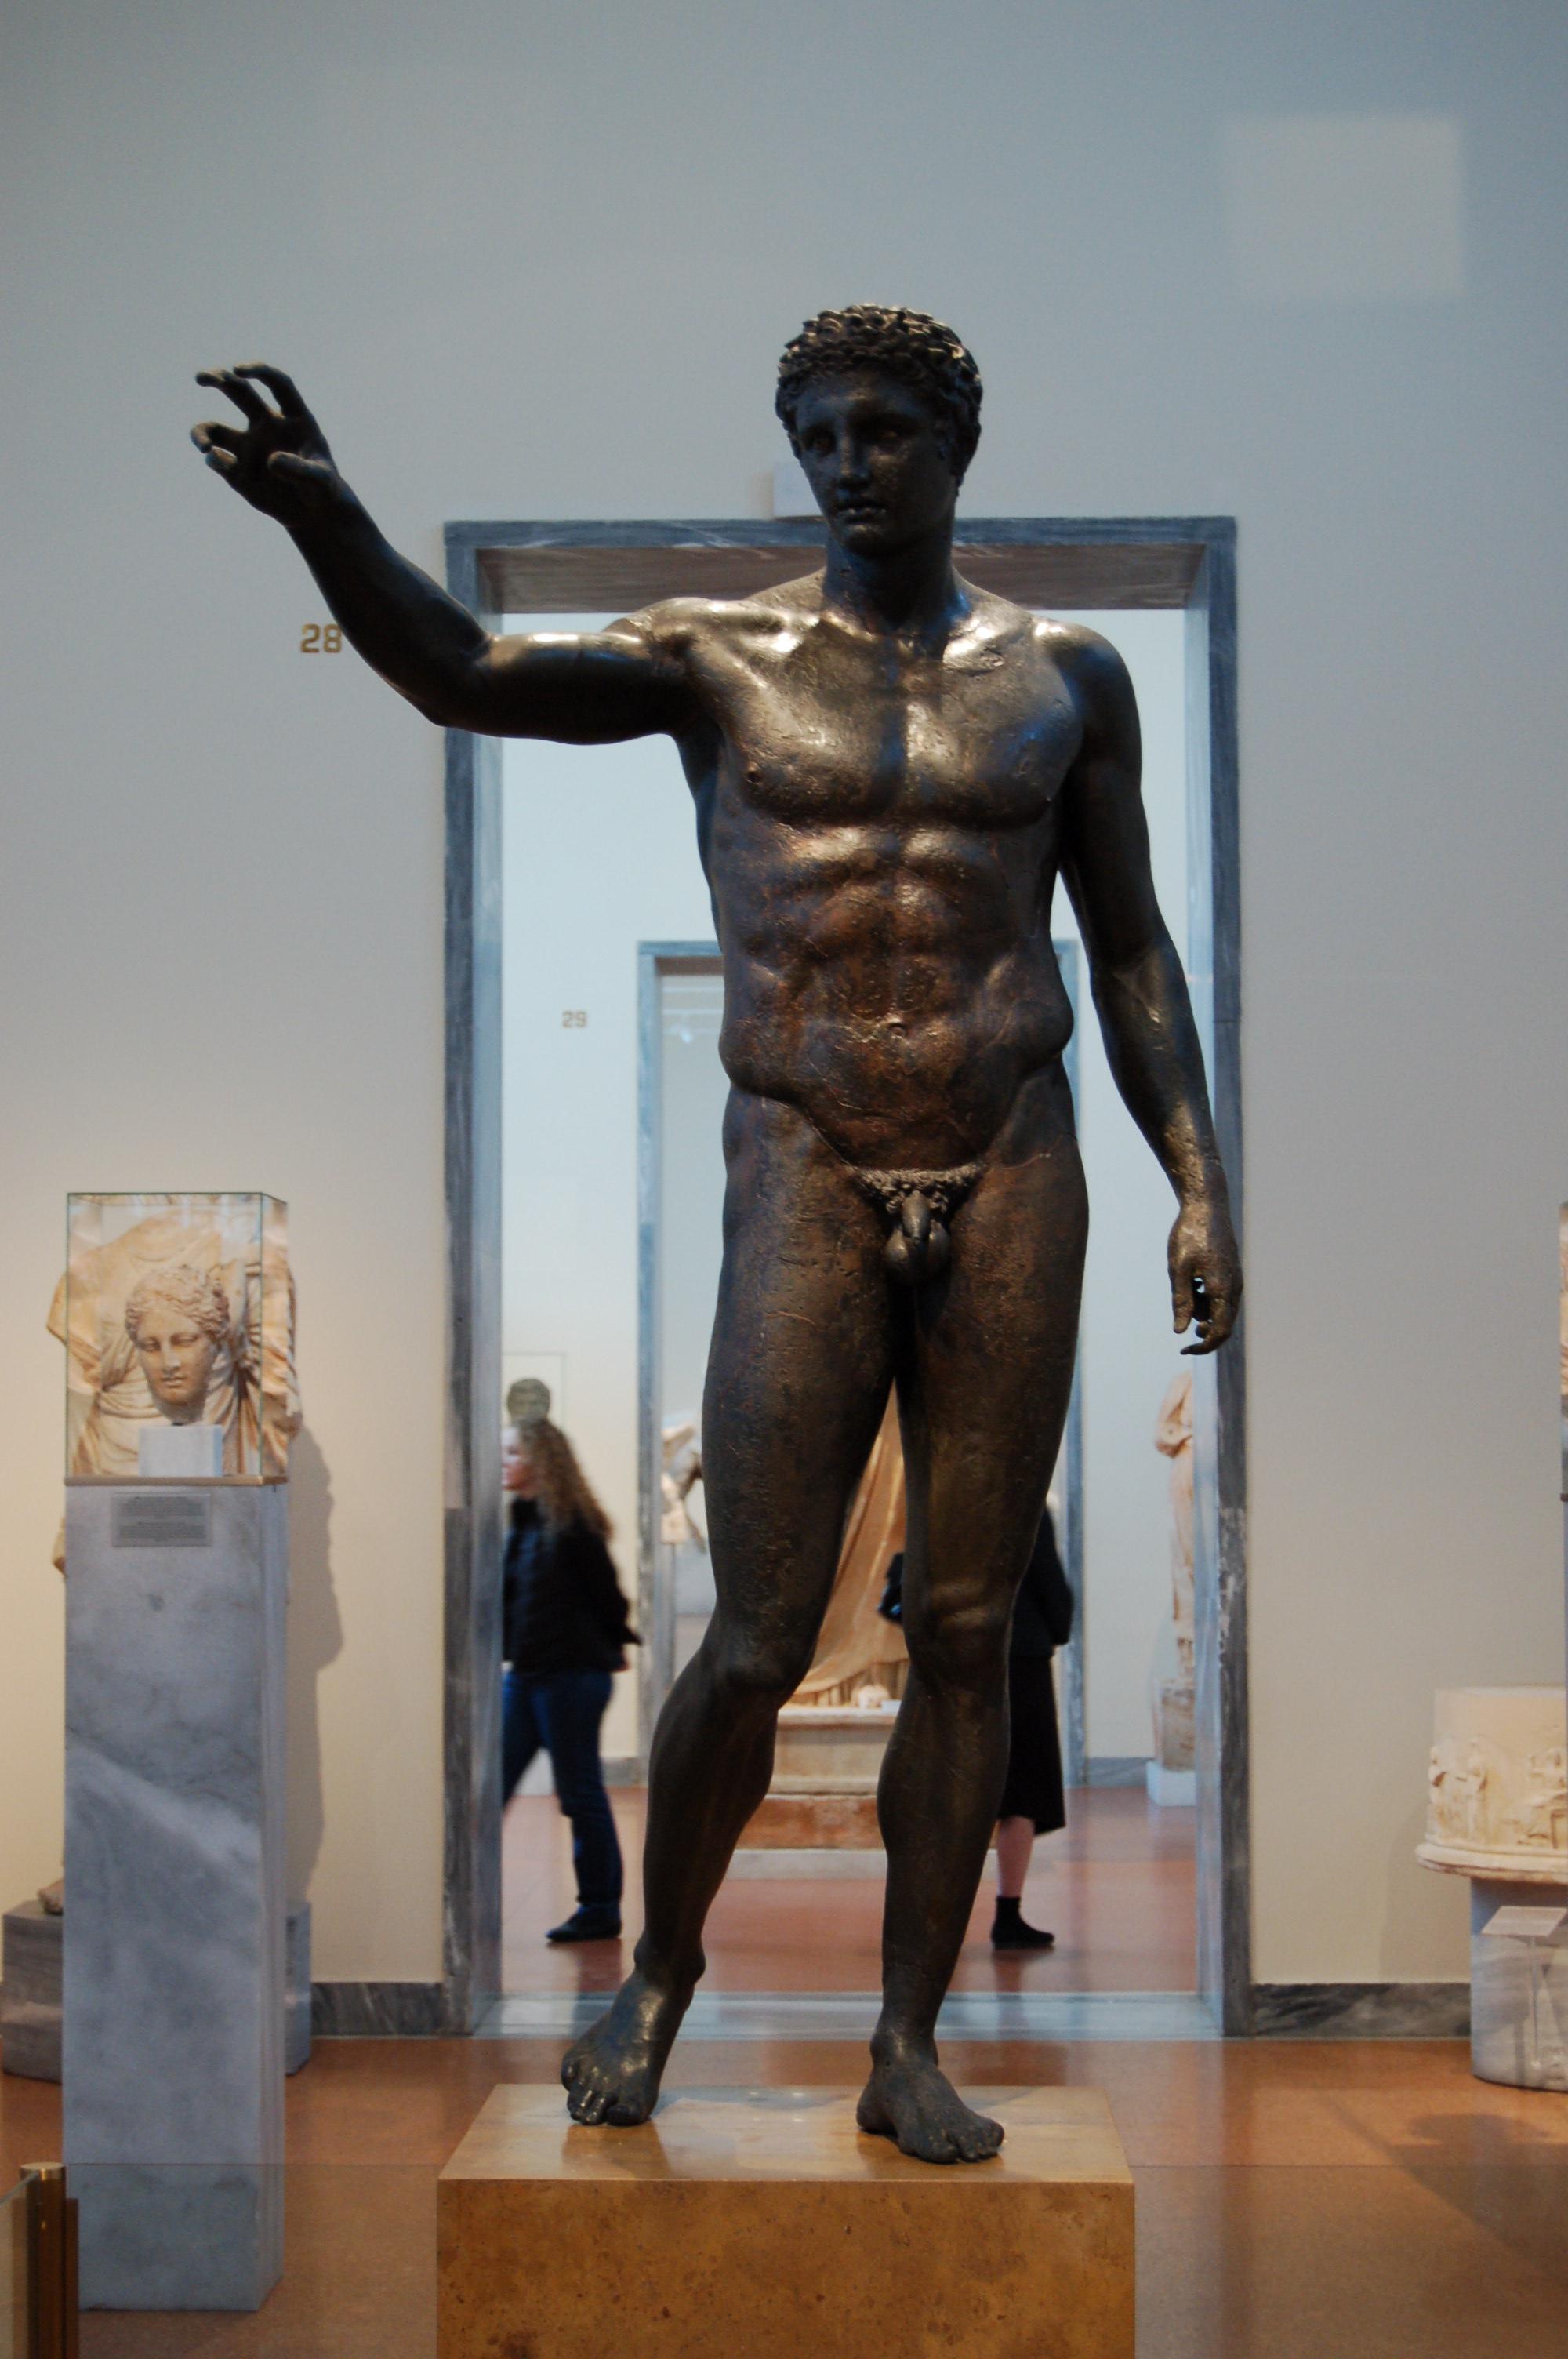 Ο Έφηβος των Αντικυθήρων. Περίτεχνο μπρούτζινο άγαλμα που ανασύρθηκε από το ναυάγιο των Αντικυθήρων. Αναπαριστά είτε τον Πάρι, ο οποίος προσφέρει το μήλο στη θεά Αφροδίτη είτε τον Περσέα, ο οποίος κρατά το κεφάλι της Μέδουσας. Το άγαλμα βρίσκεται στο Εθνικό Αρχαιολογικό Μουσείο..